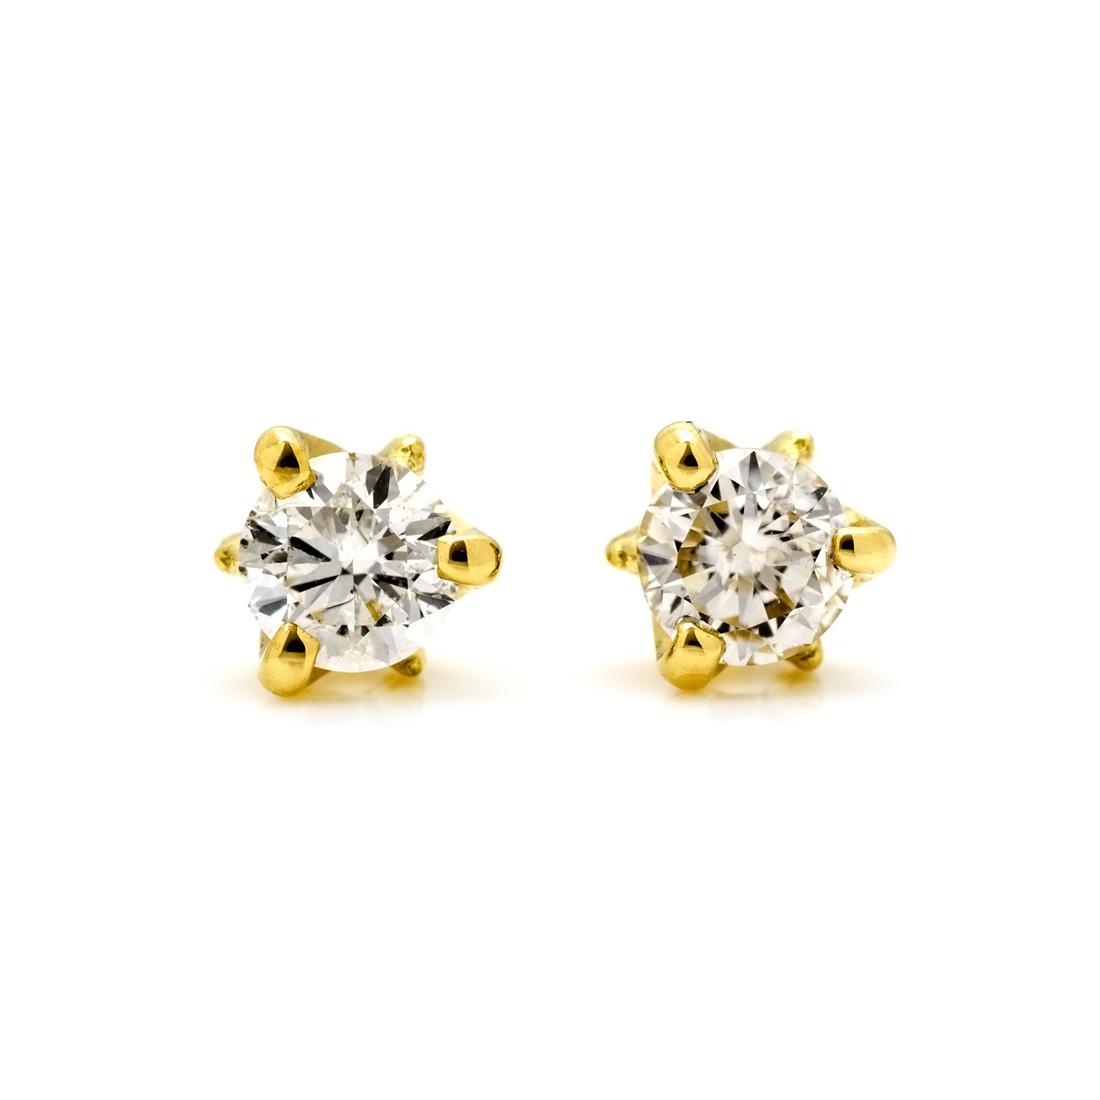 【GWクーポン配布中】スタッドピアス ダイヤモンド 0.2ct 「Decora」 ゴールド K18 送料無料